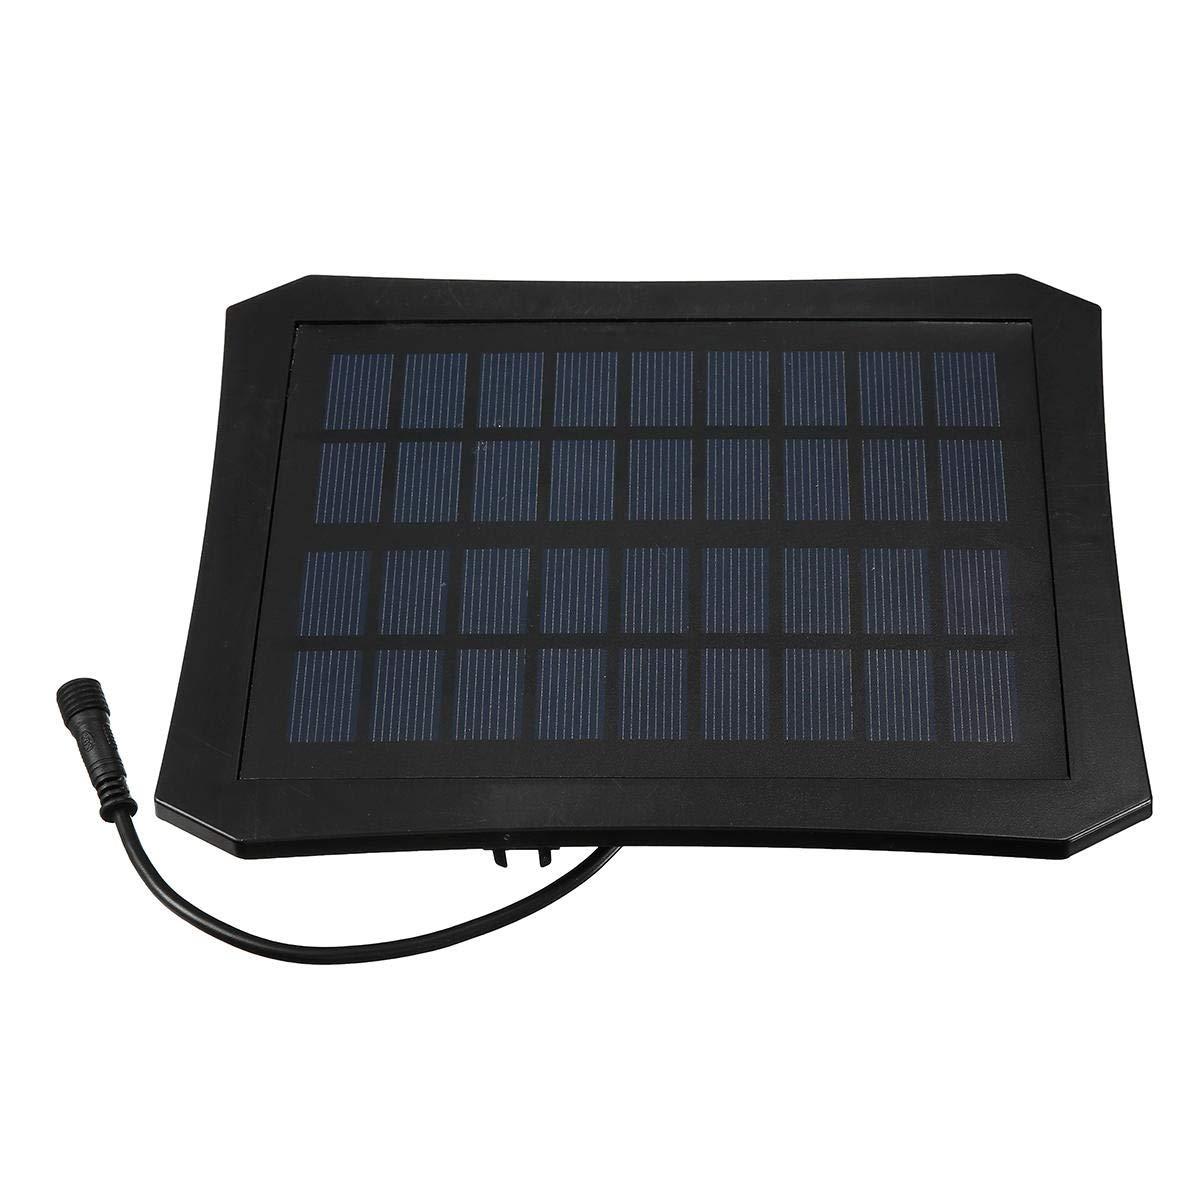 Bomba de Fuente Solar Temporizador de 7V / Luz LED Estanque de jardín Bombas sumergibles Fuente de energía solar Kit de bomba de agua for piscina: Amazon.es: Bricolaje y herramientas